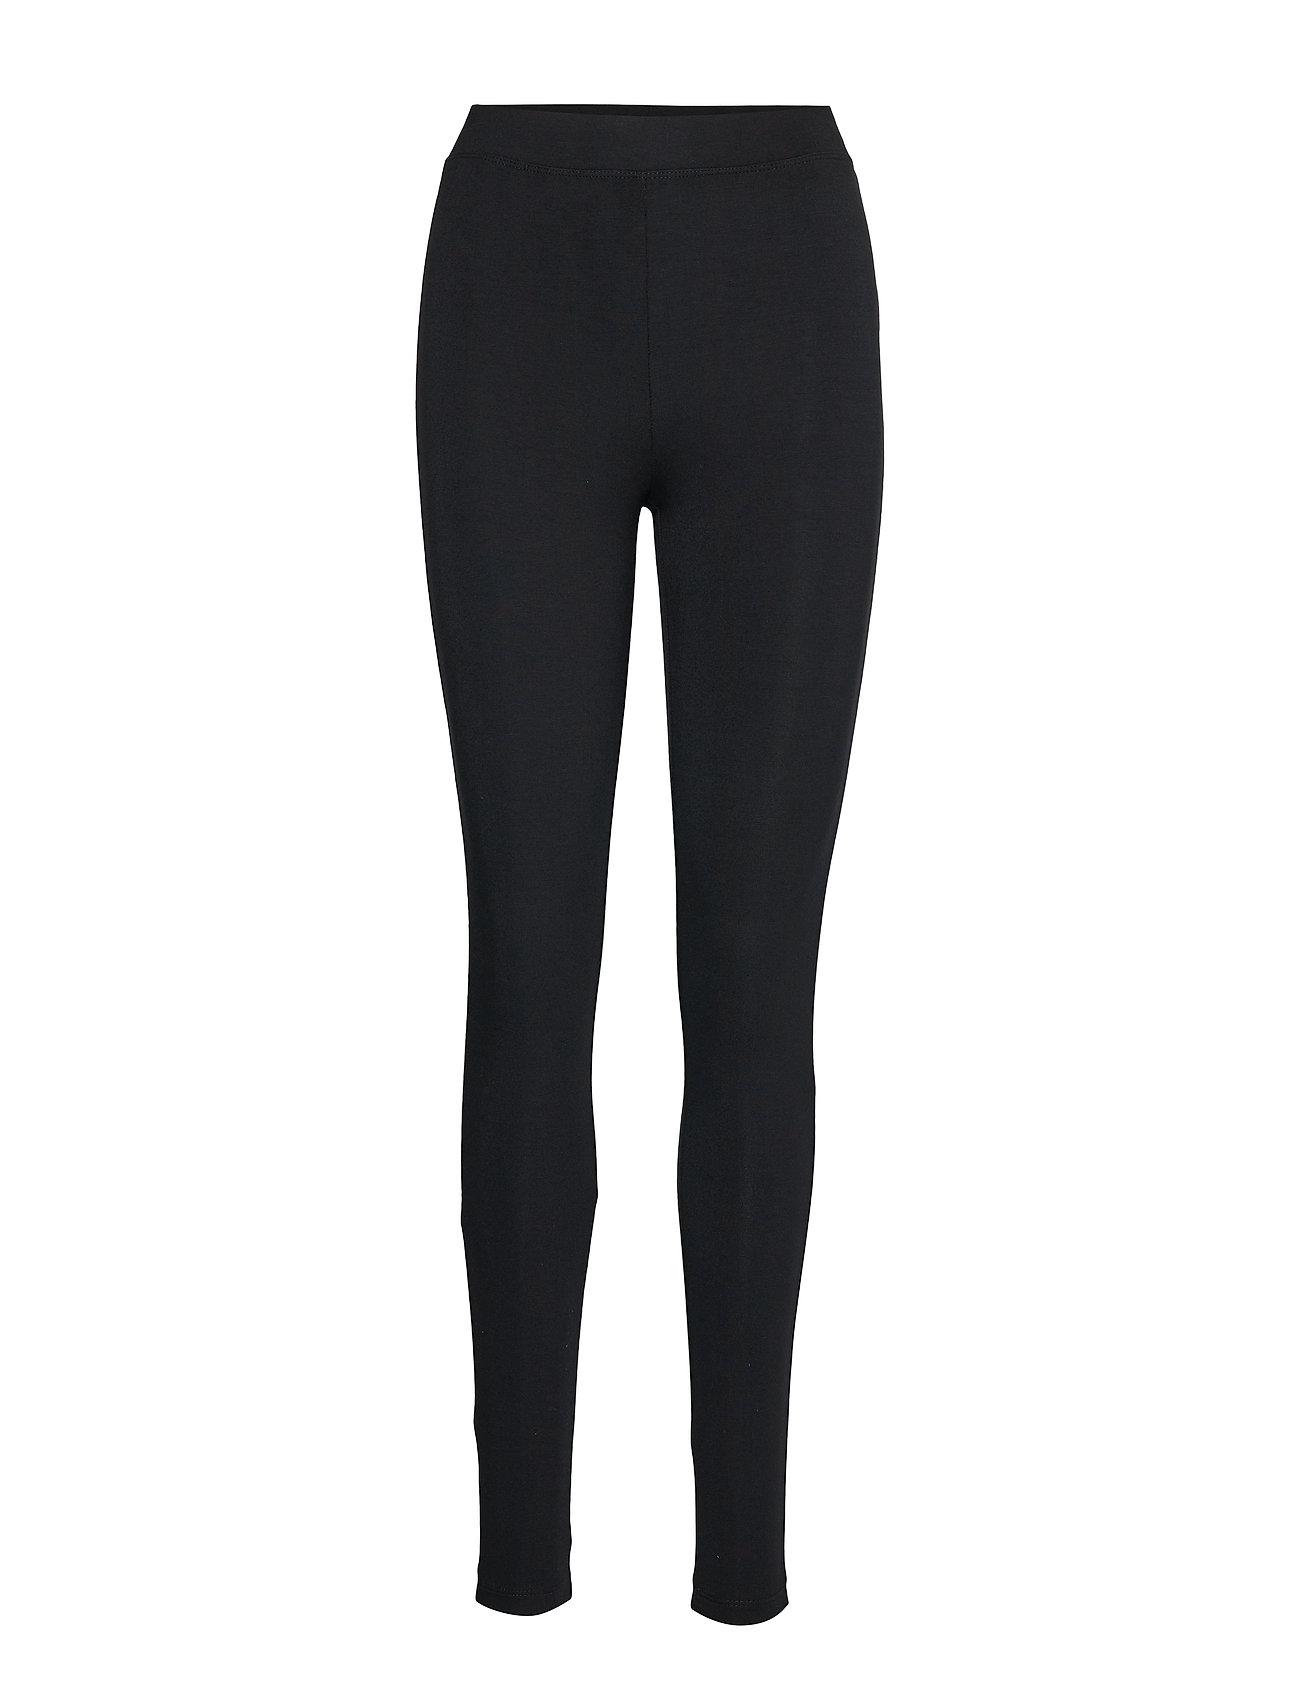 GAP Basic leggings - TRUE BLACK V2